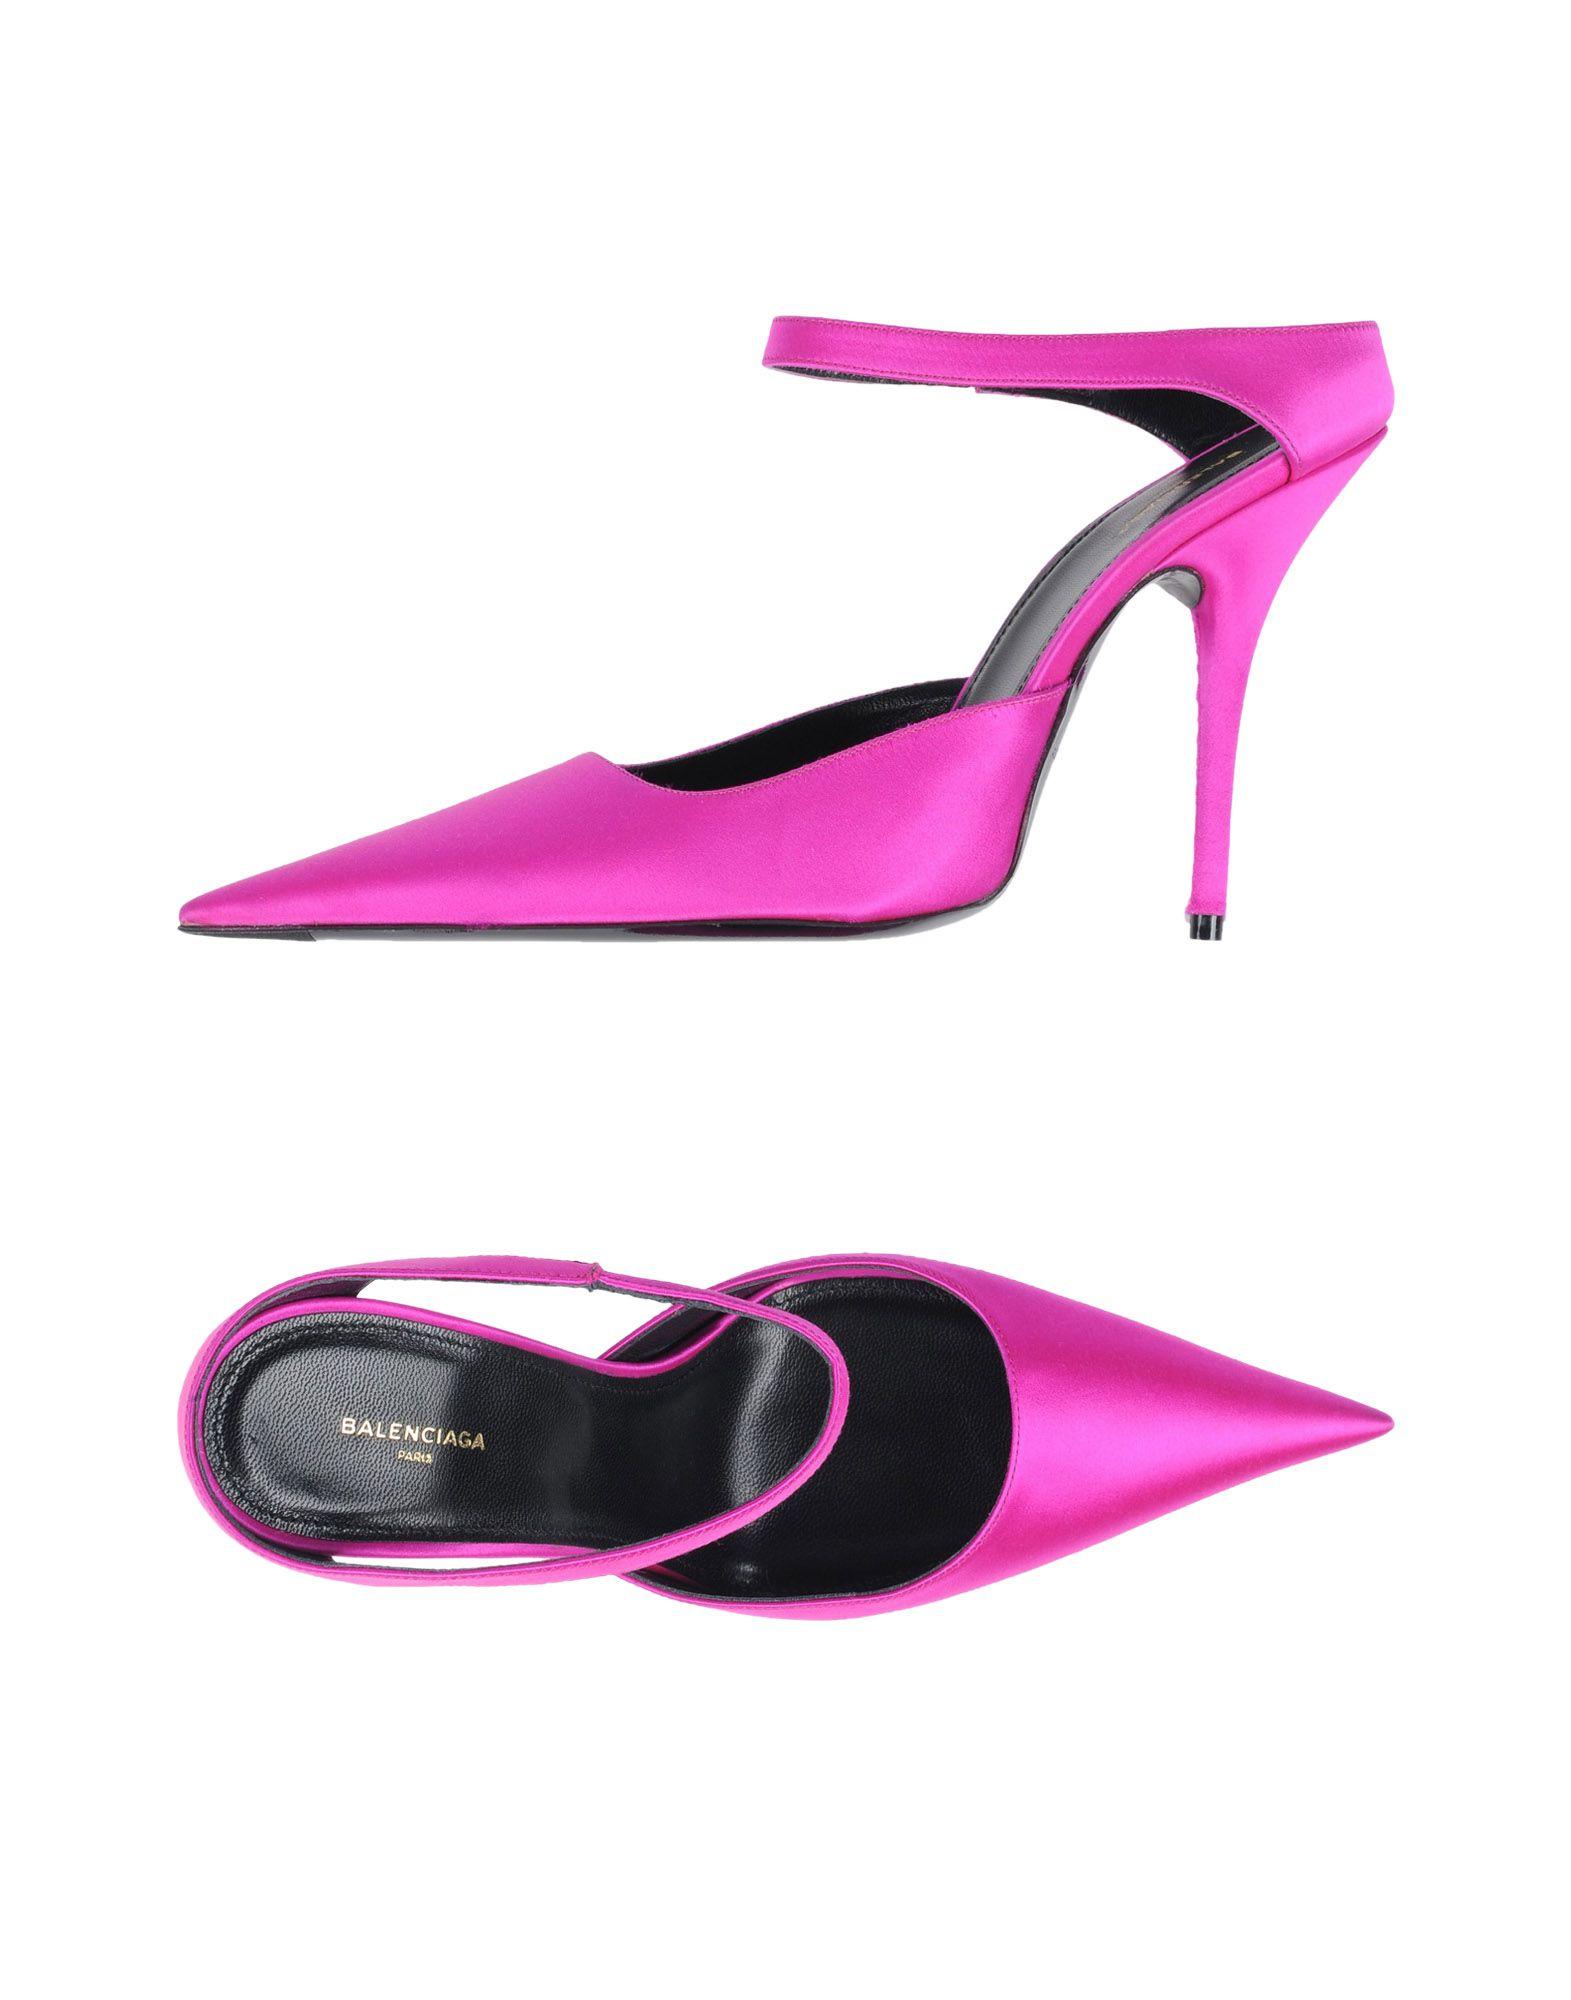 Décolleté Balenciaga comode Donna - 11455725TE Scarpe comode Balenciaga e distintive faef89